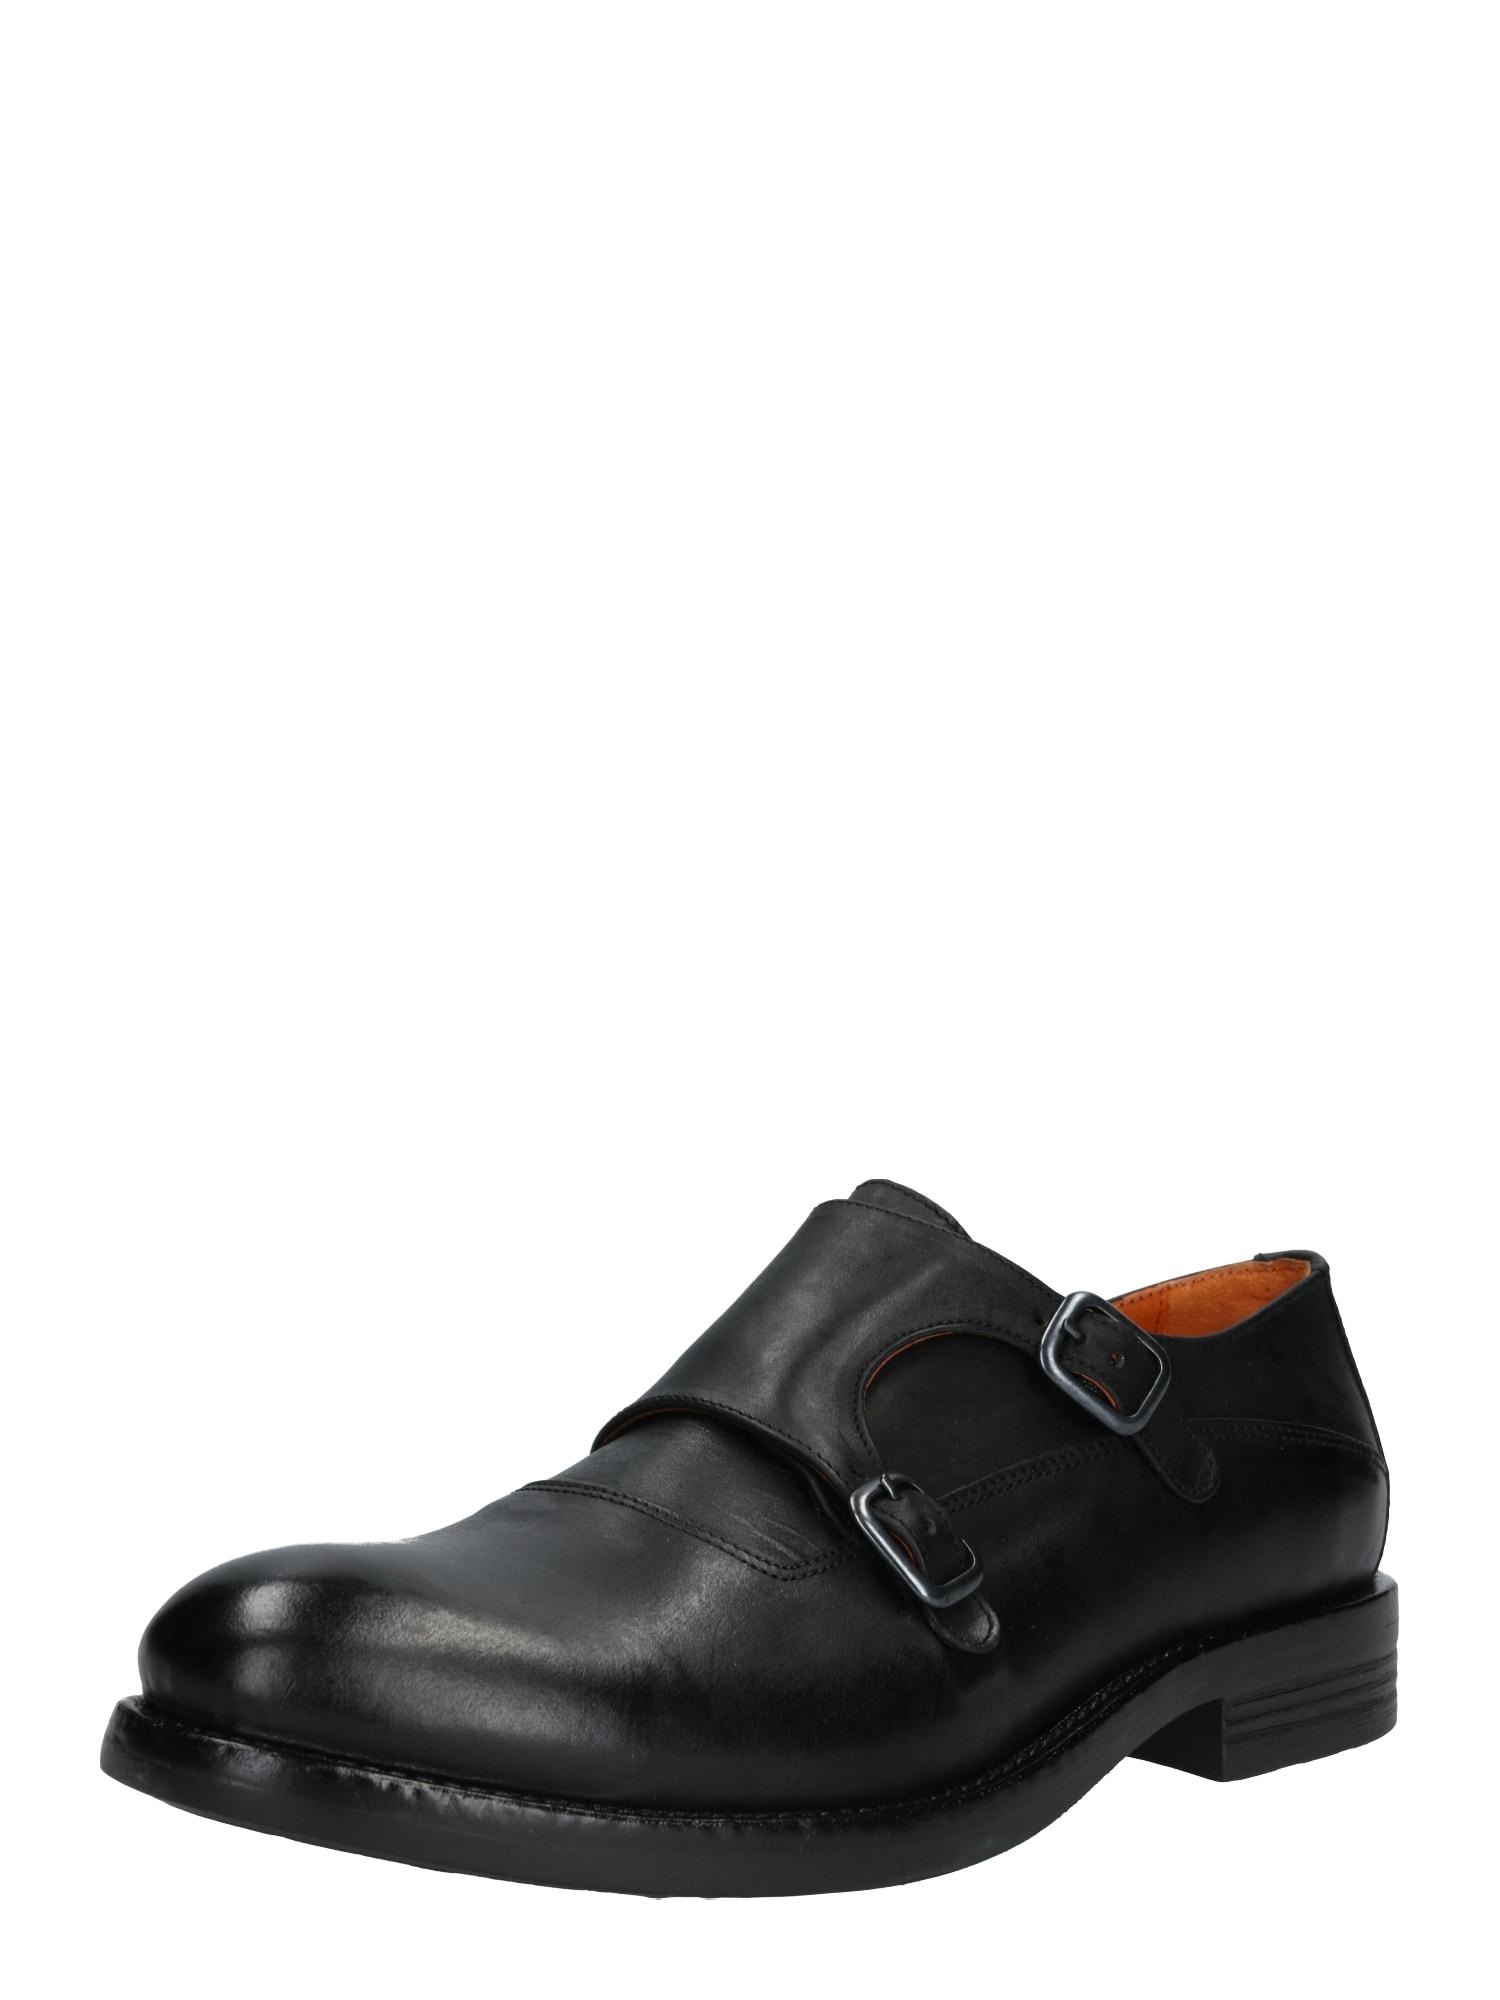 Sportovní šněrovací boty ACE černá Bianco